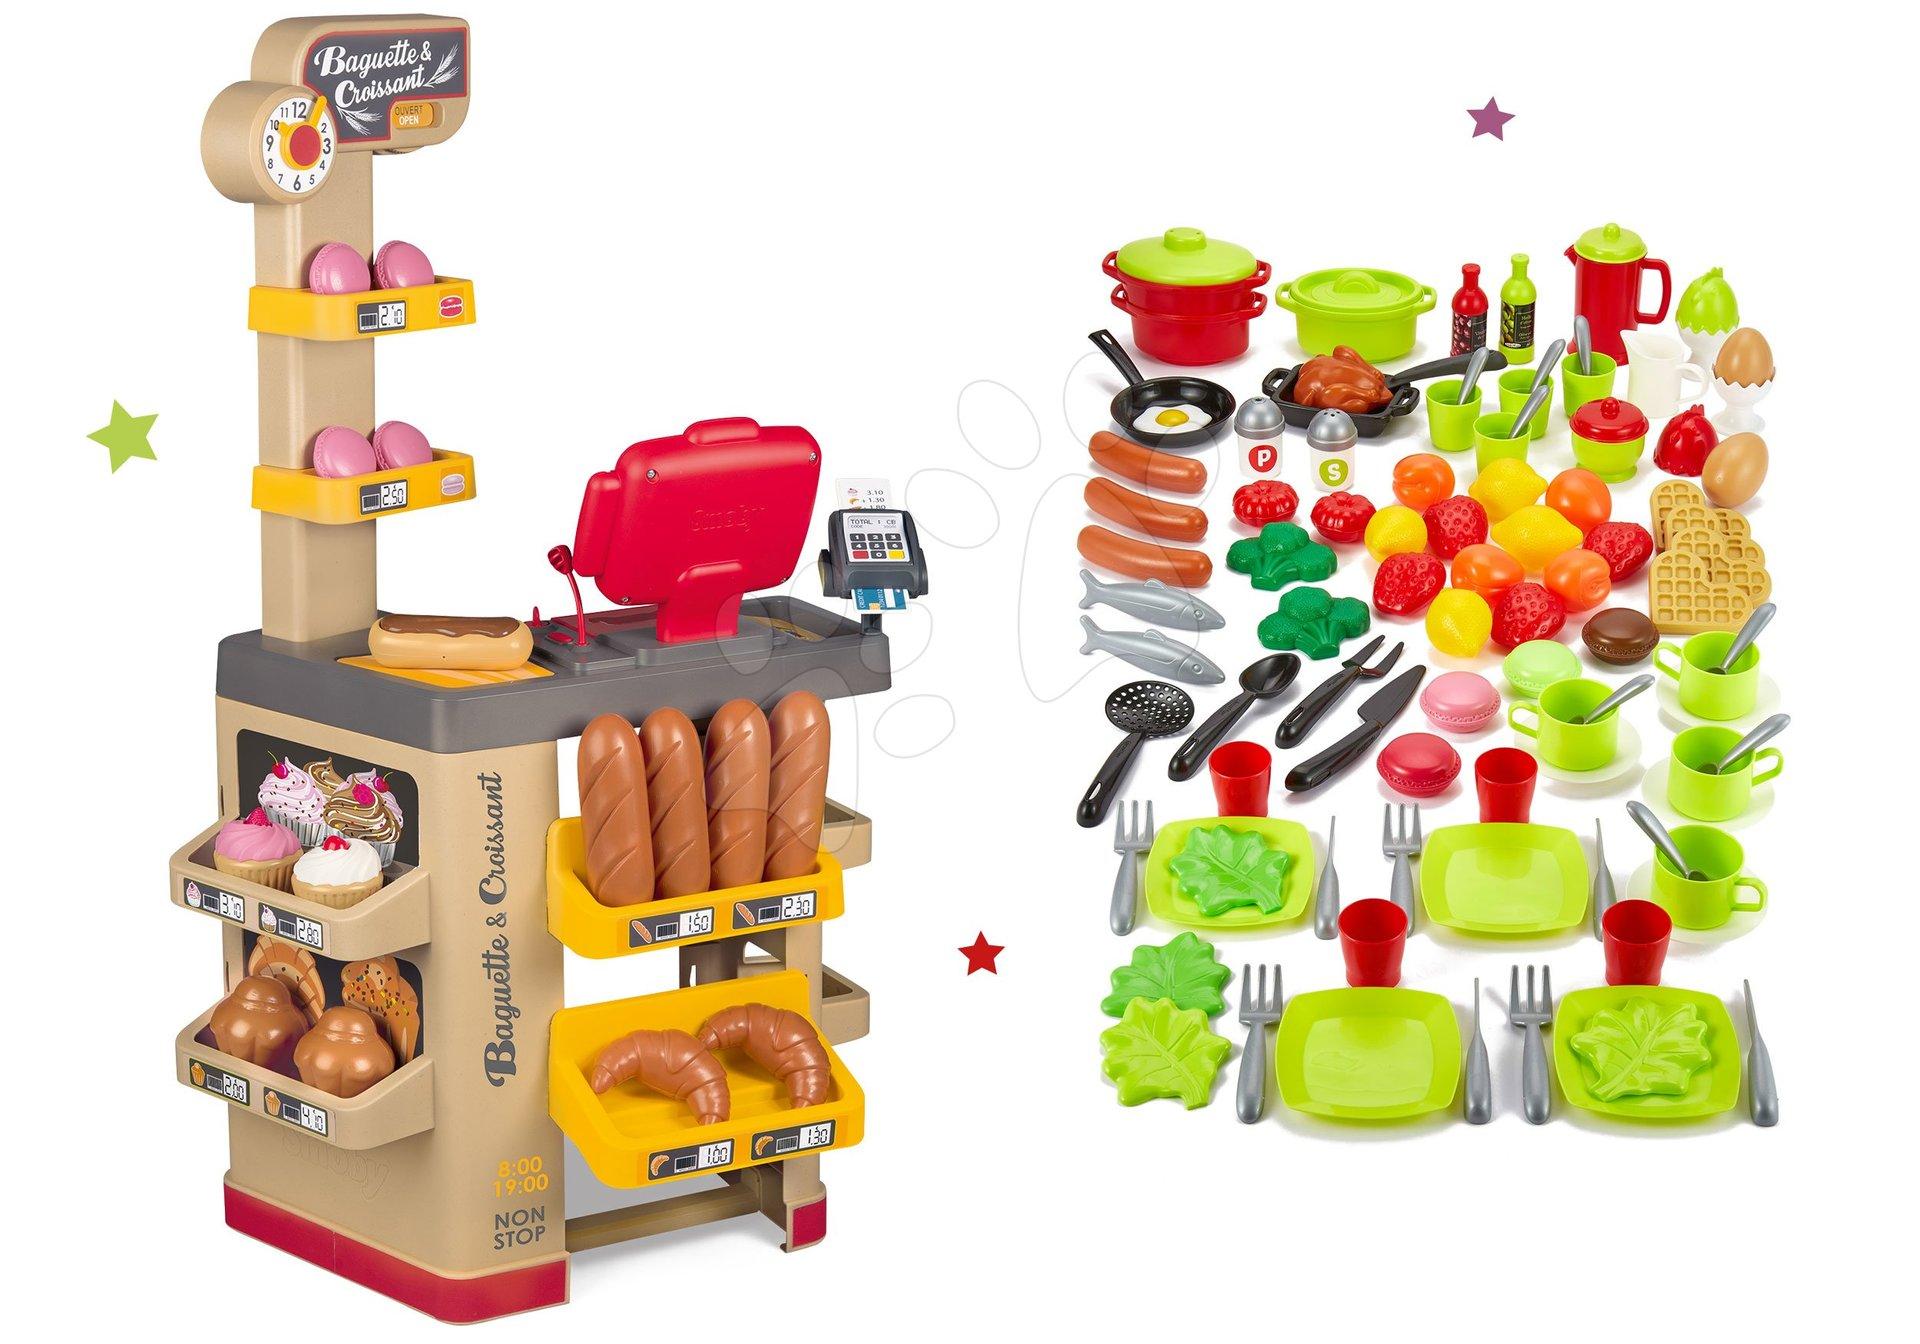 Set pekáreň s koláčmi Baguette&Croissant Bakery Smoby s elektronickou pokladňou a 100-dielna súprava ovocia, zeleniny a potraviny s riadom